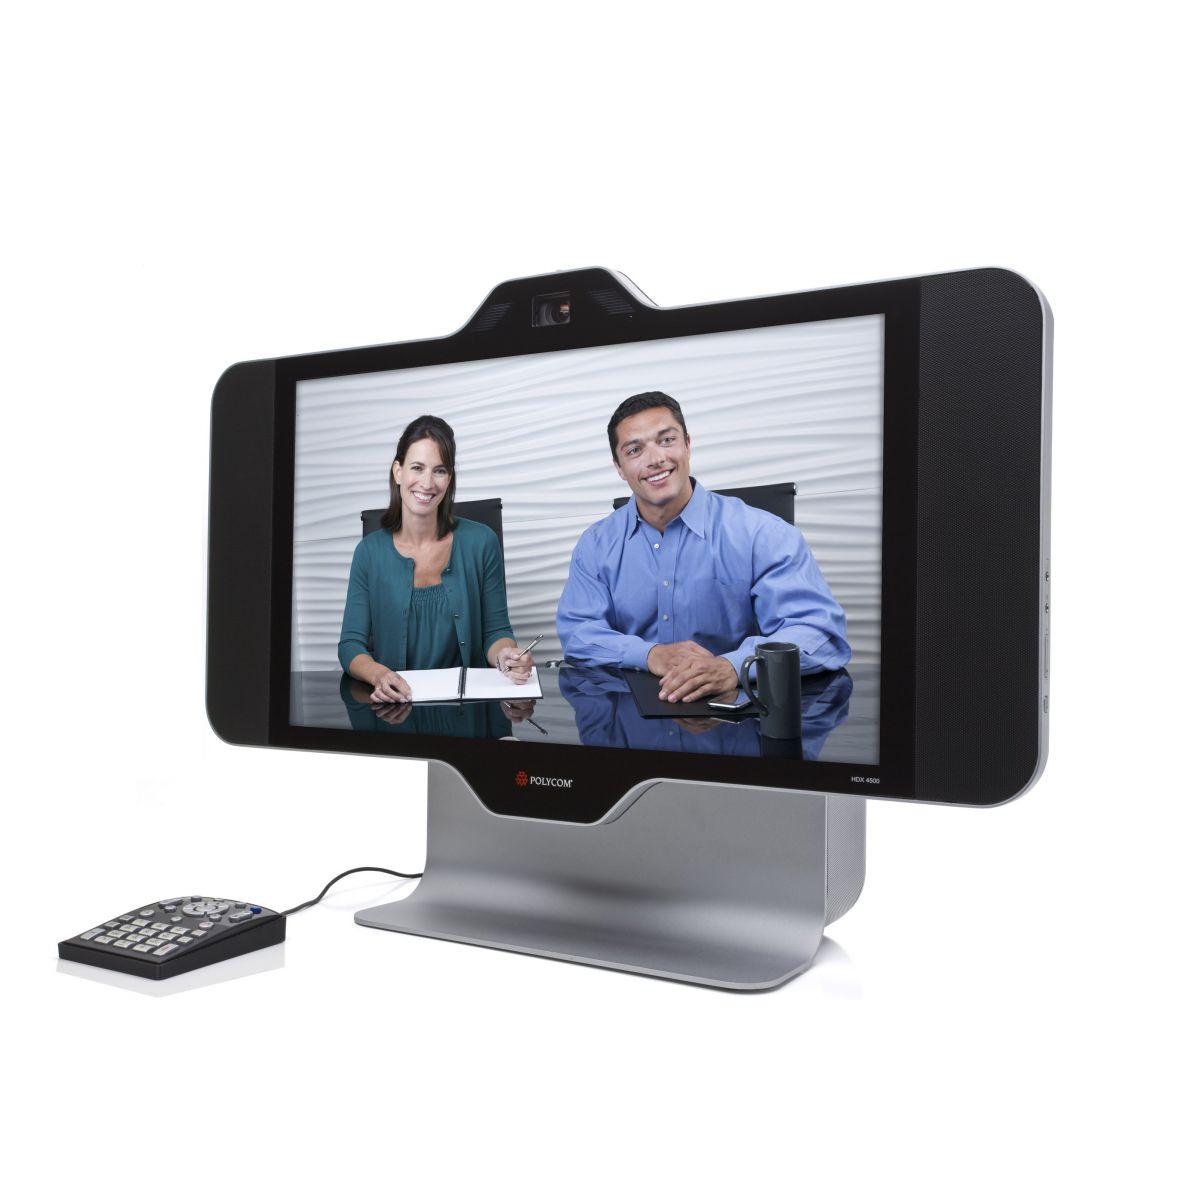 Polycom HDX 4500 - Hope Tech Telecomunicações